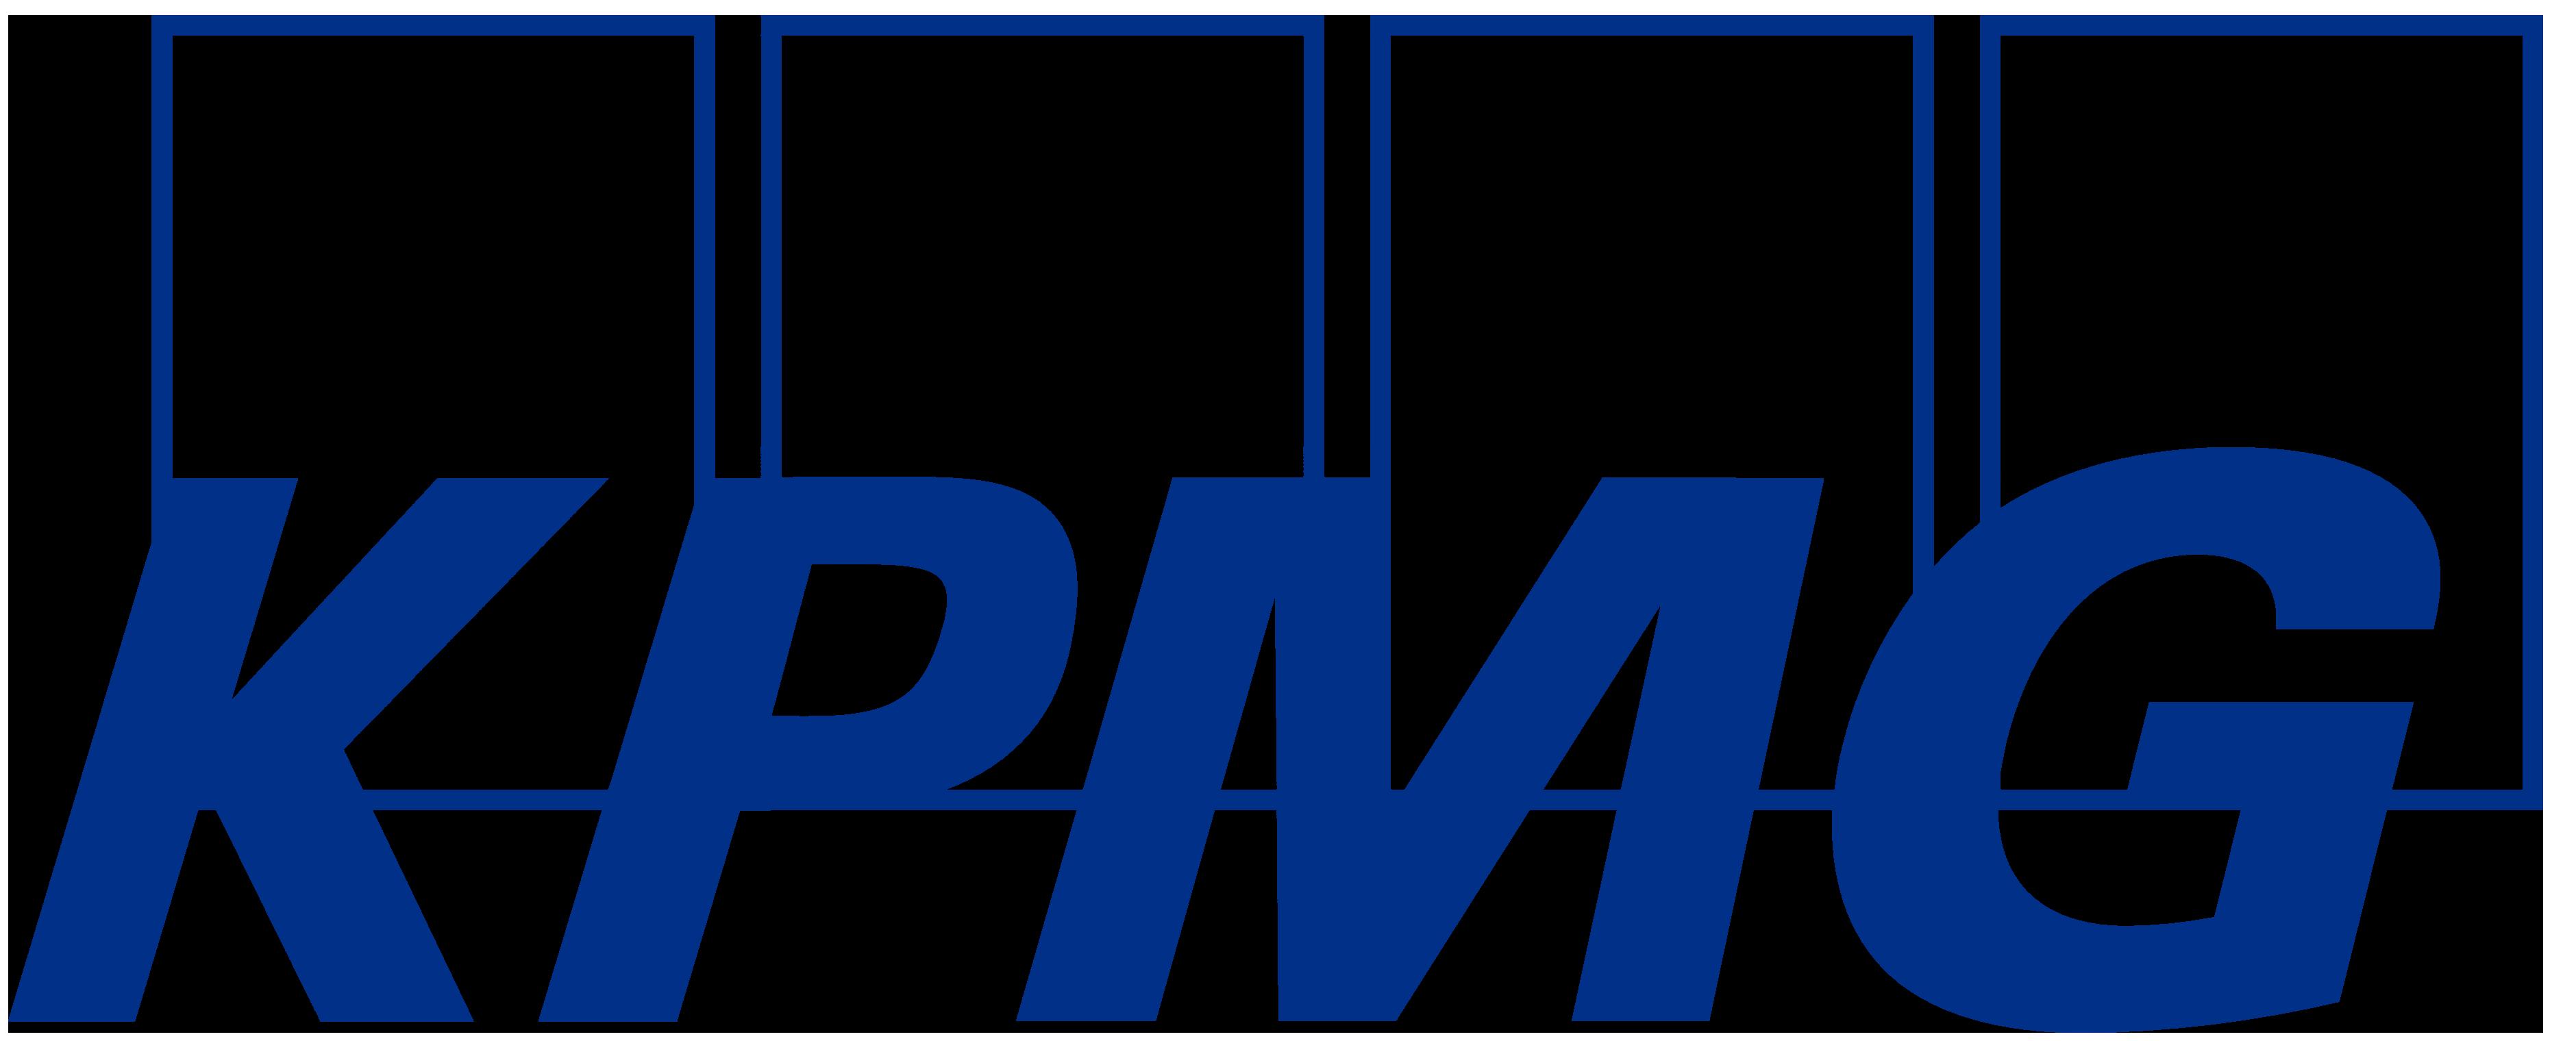 Kpmg Logos Download